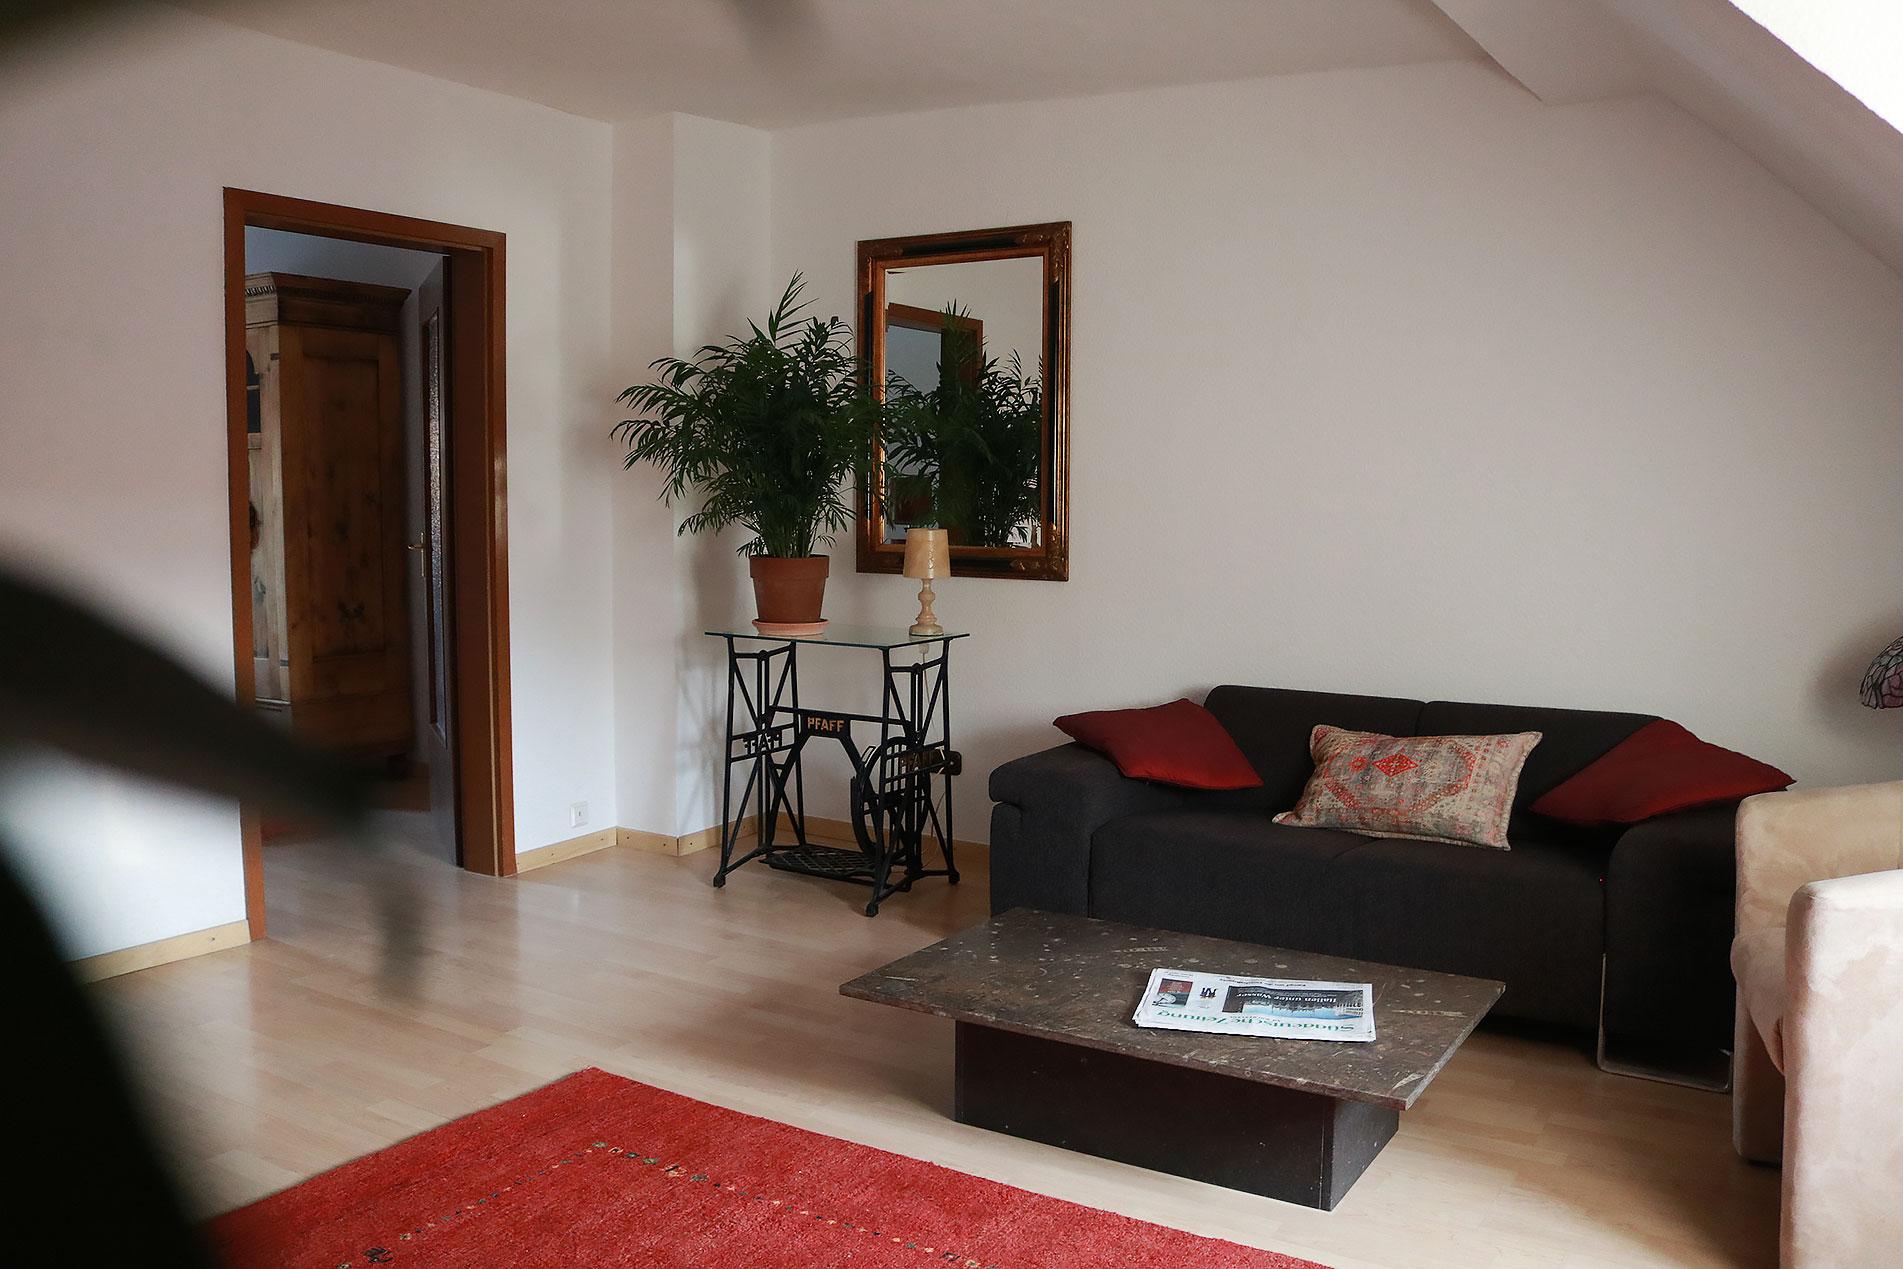 Wohnzimmer mit Sitzbereich